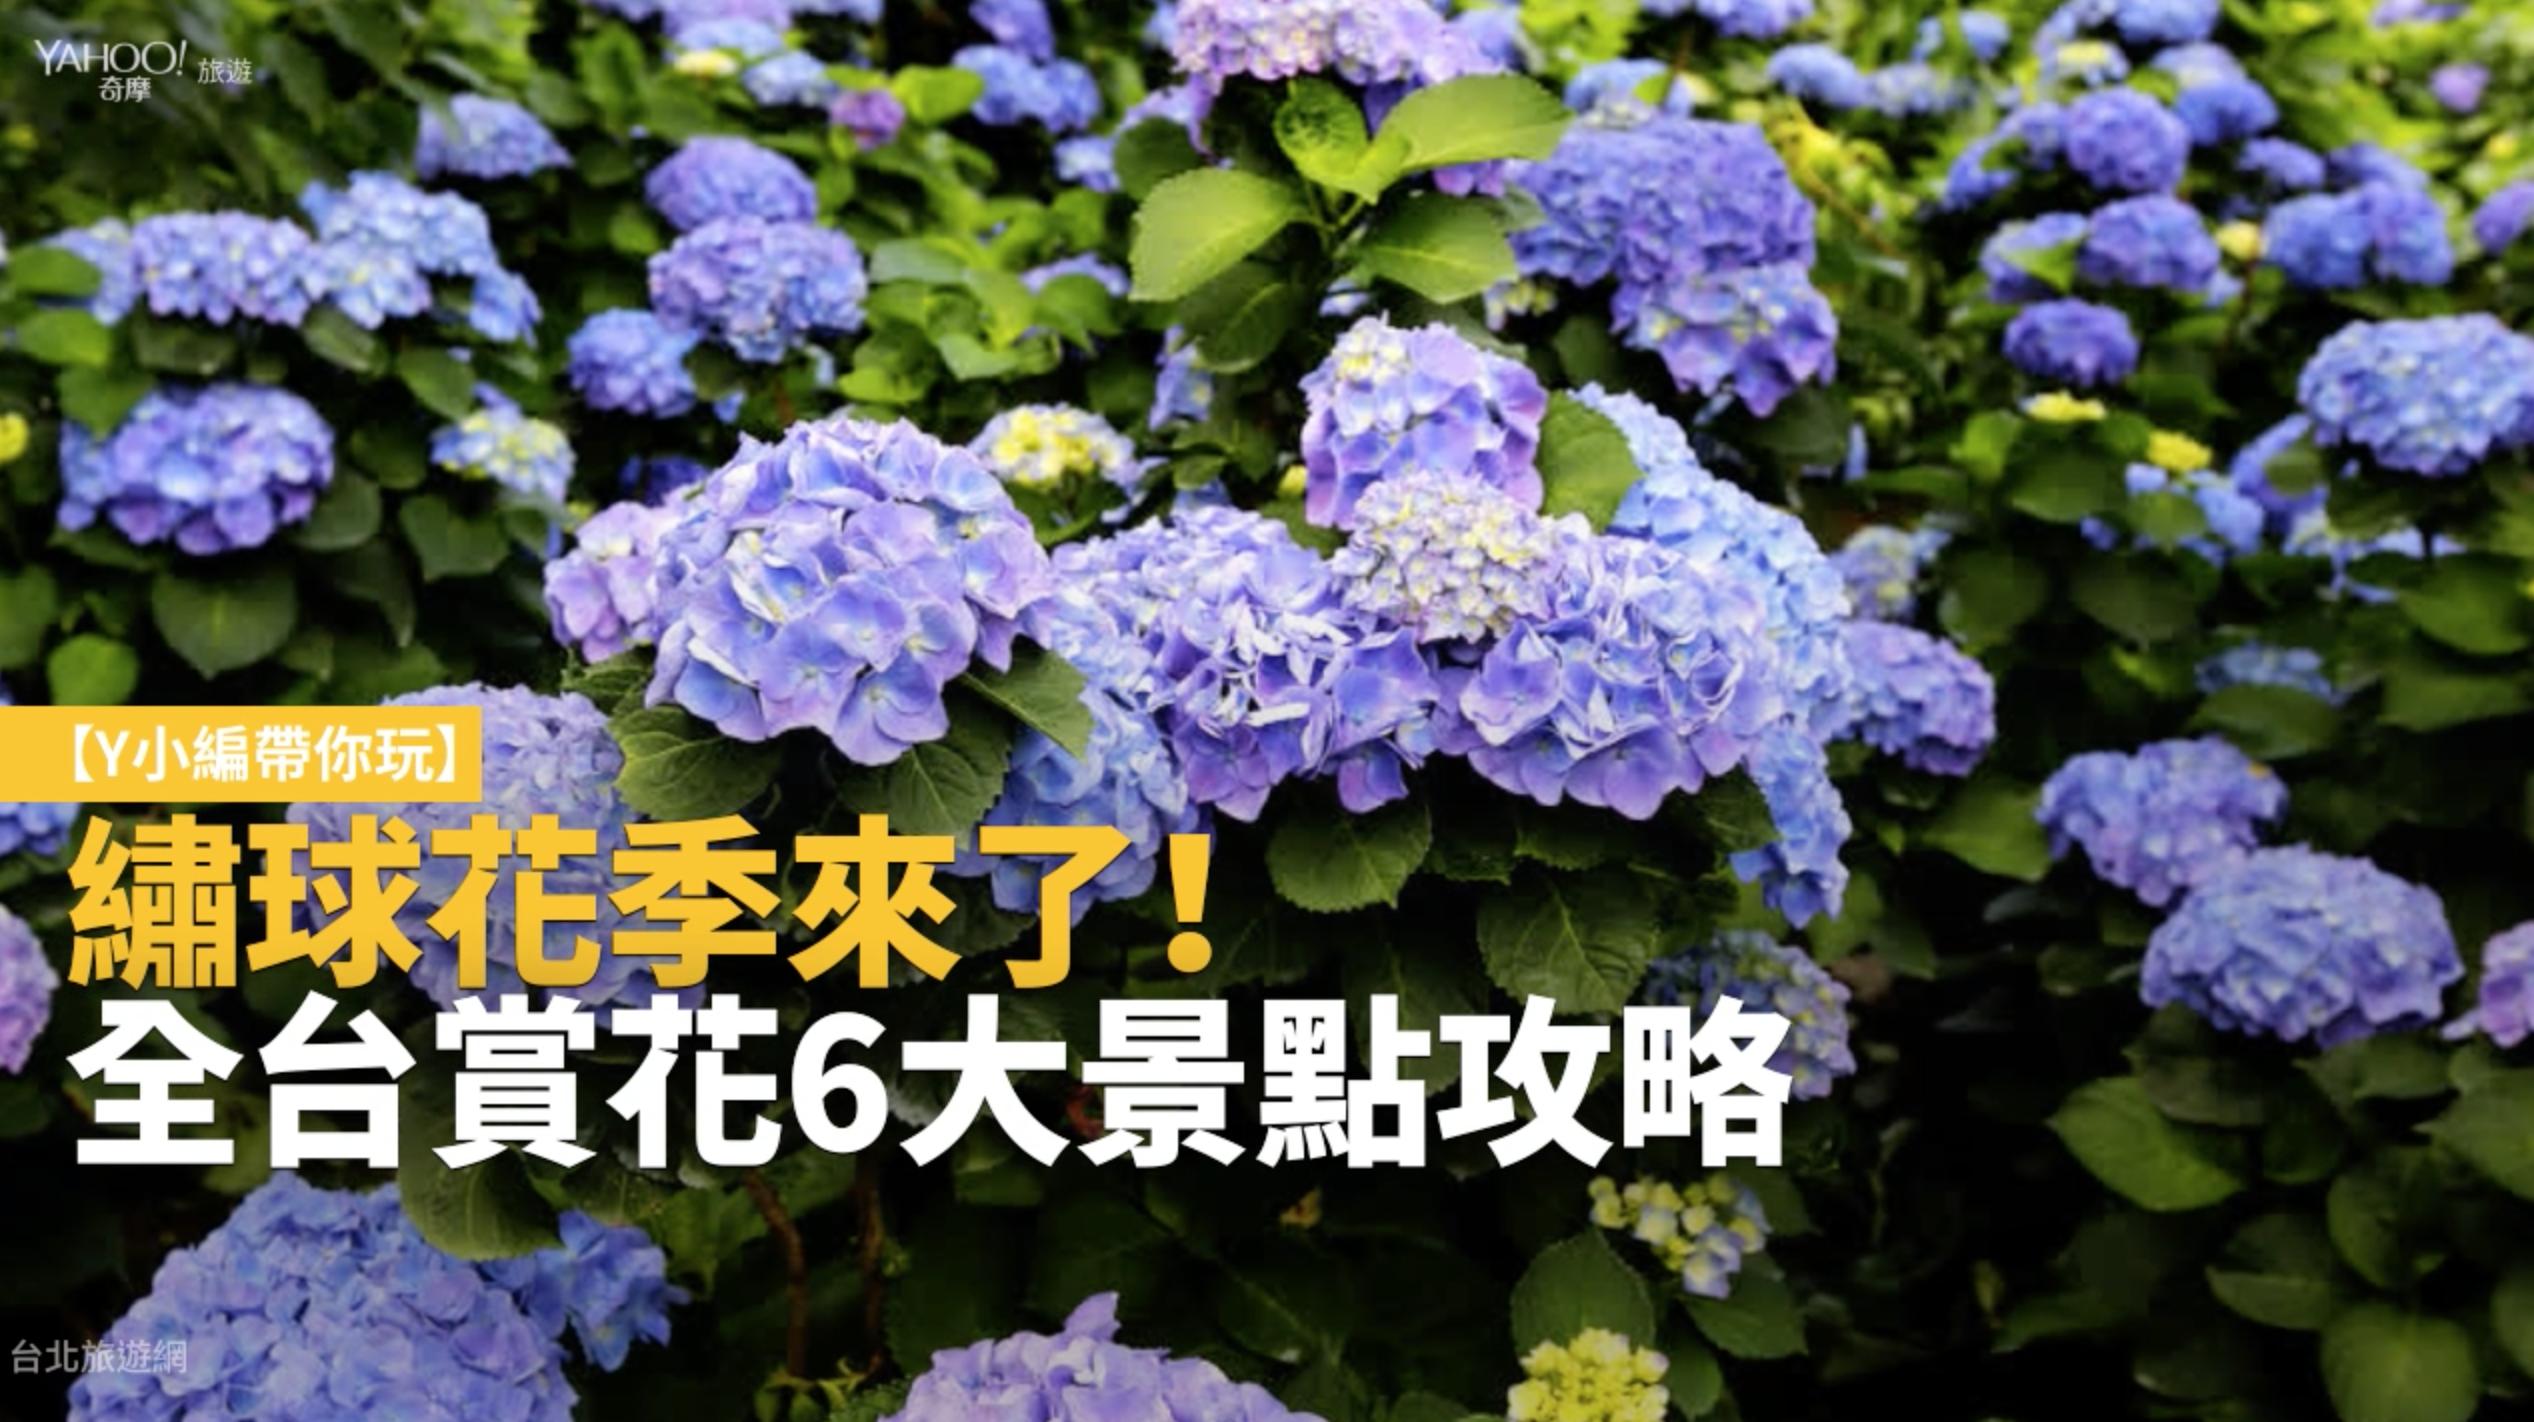 【Y小編帶你玩】繡球花季來了!全台賞花6大景點攻略報你知